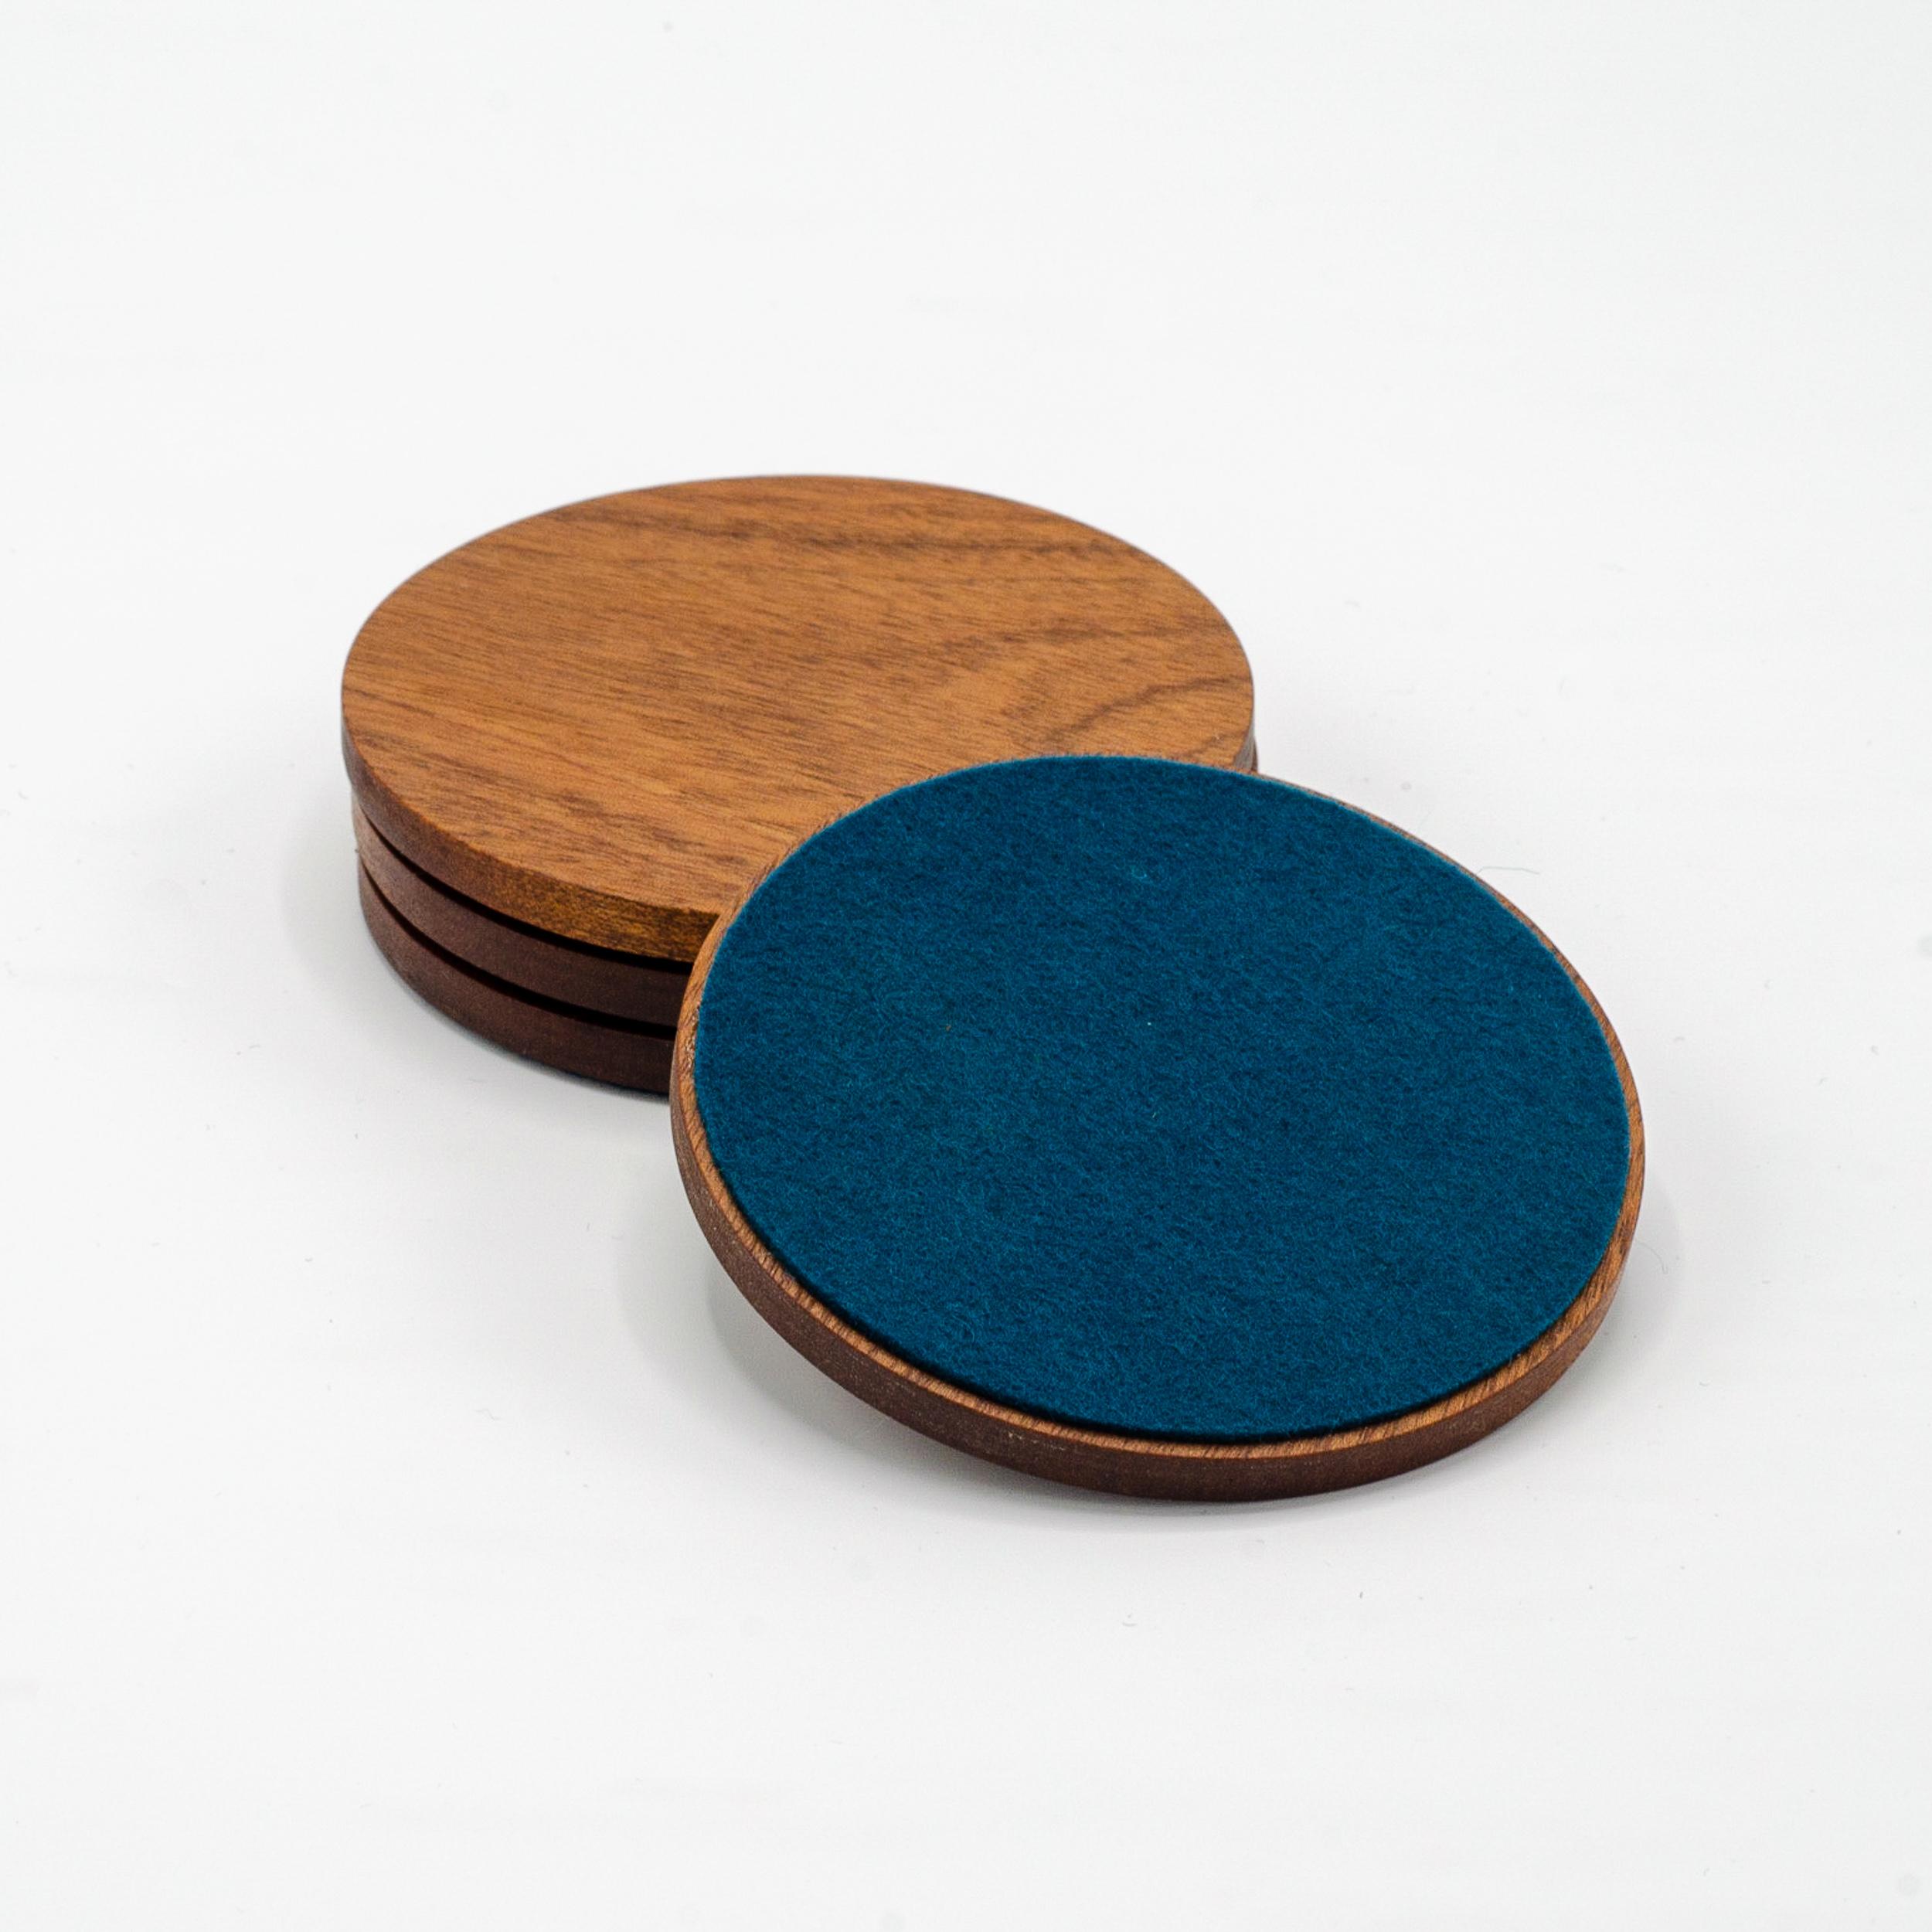 Mahogany Coasters -